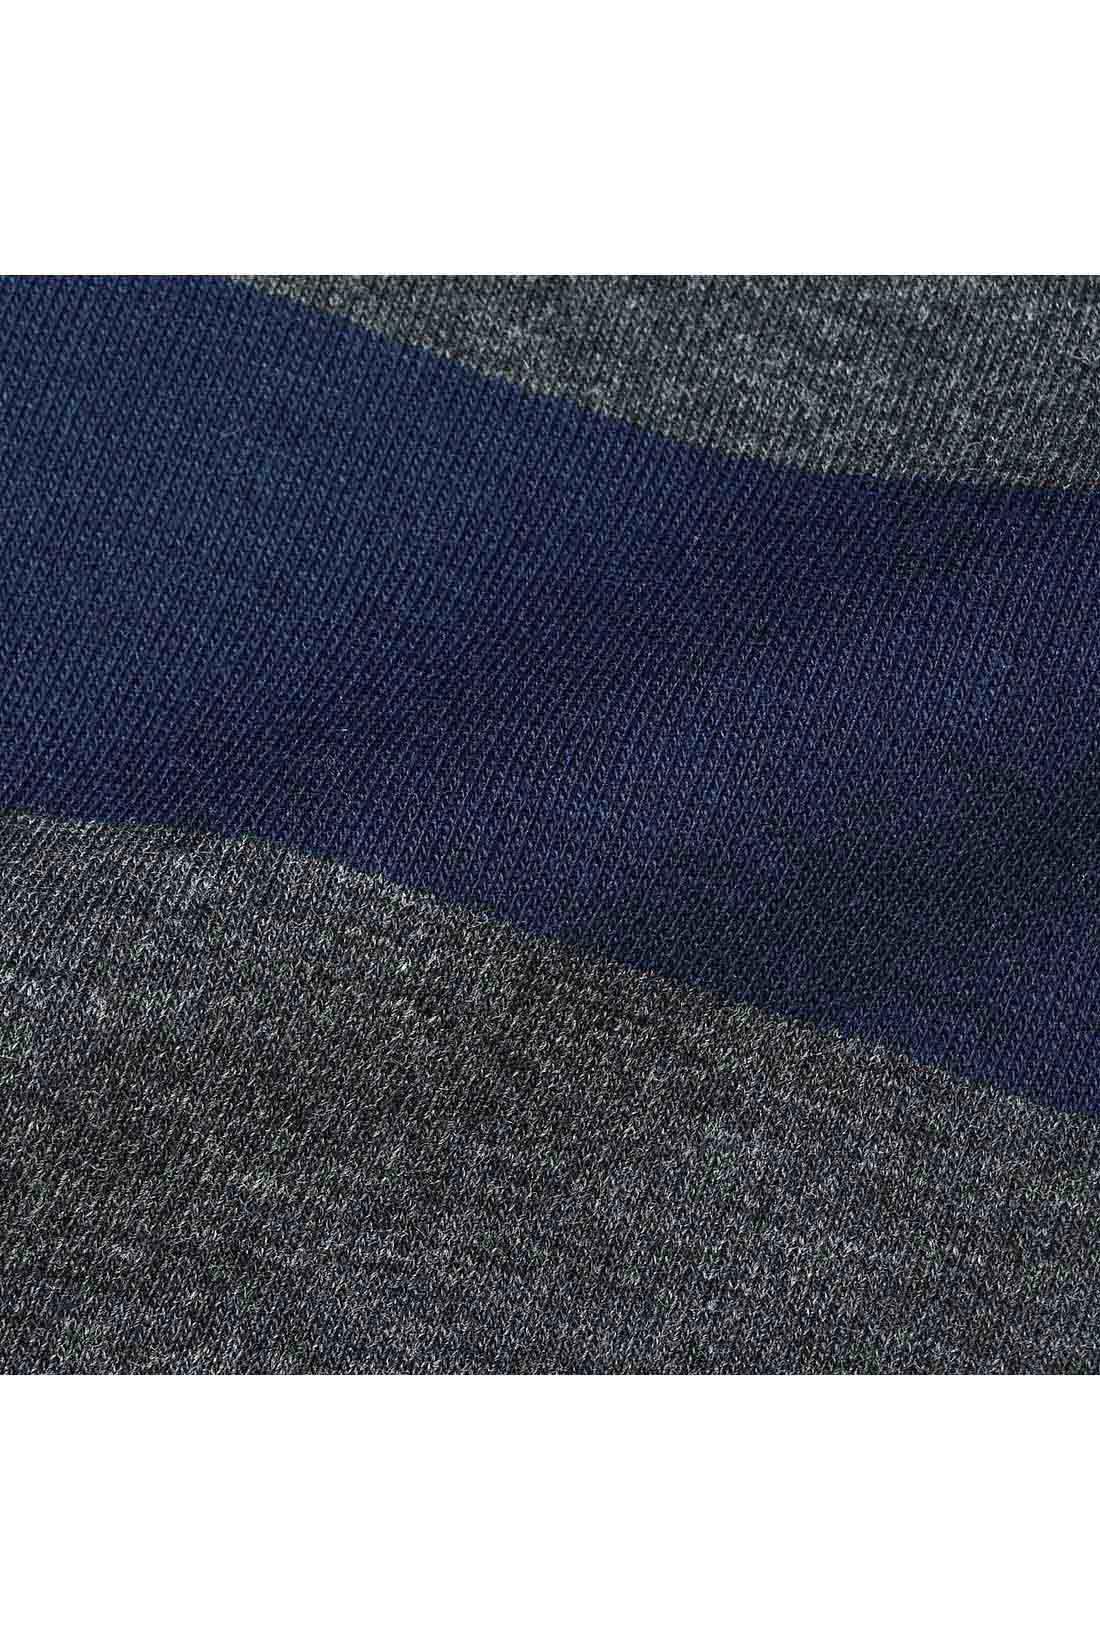 ほどよい厚みで上質感のあるカットソーのポンチ素材は、きれいめで大人っぽく着られるのにTシャツやトレーナー感覚の伸びやかさ!